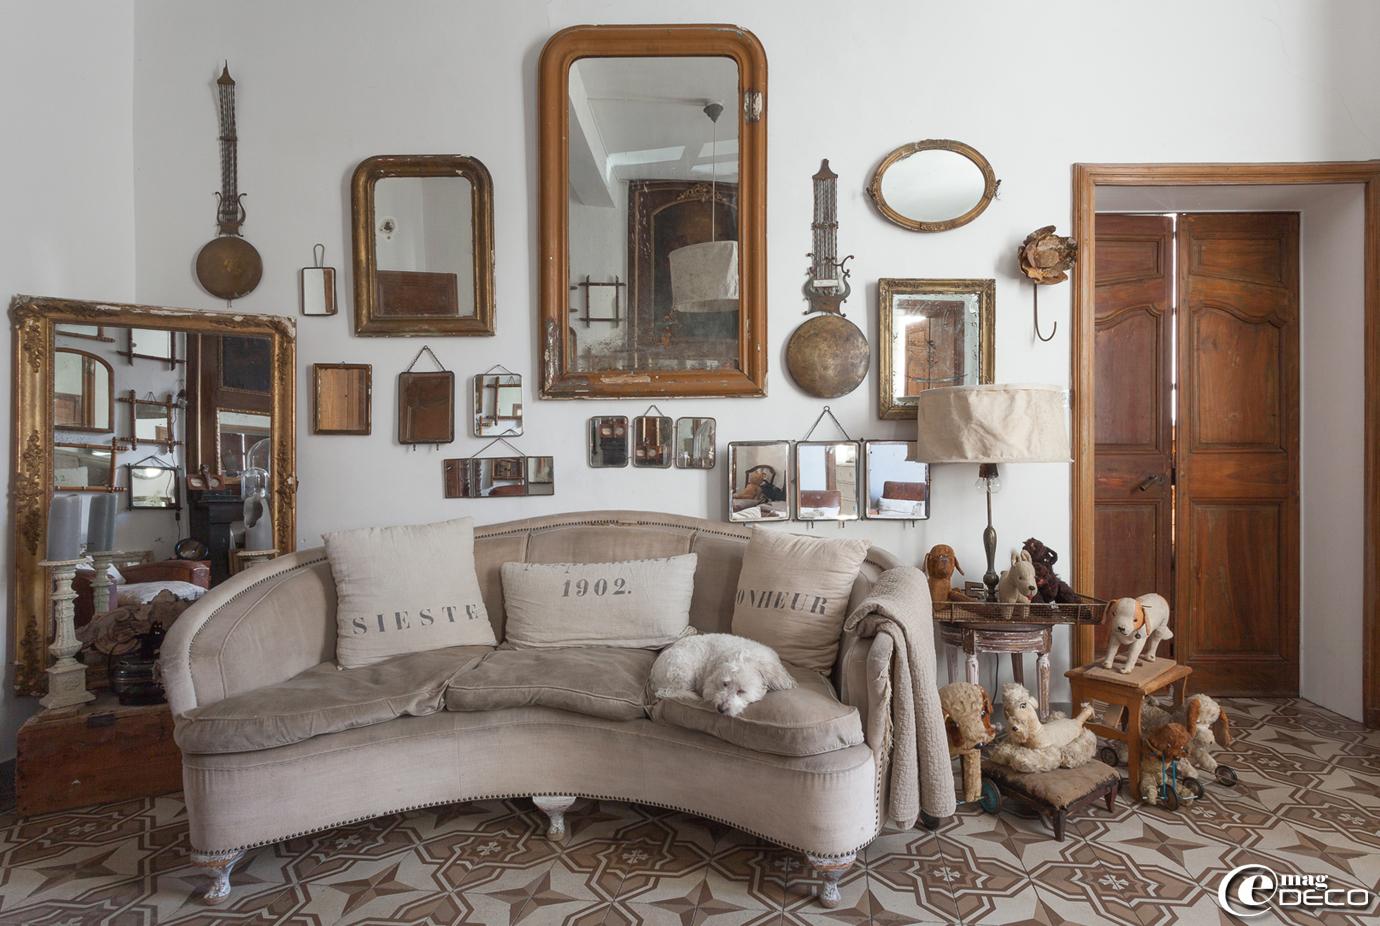 Coussins en lin 'Florence Bouvier', coussin confectionné à partir d'un ancien sac à grains, collection de chiens en peluche et de miroirs de barbier